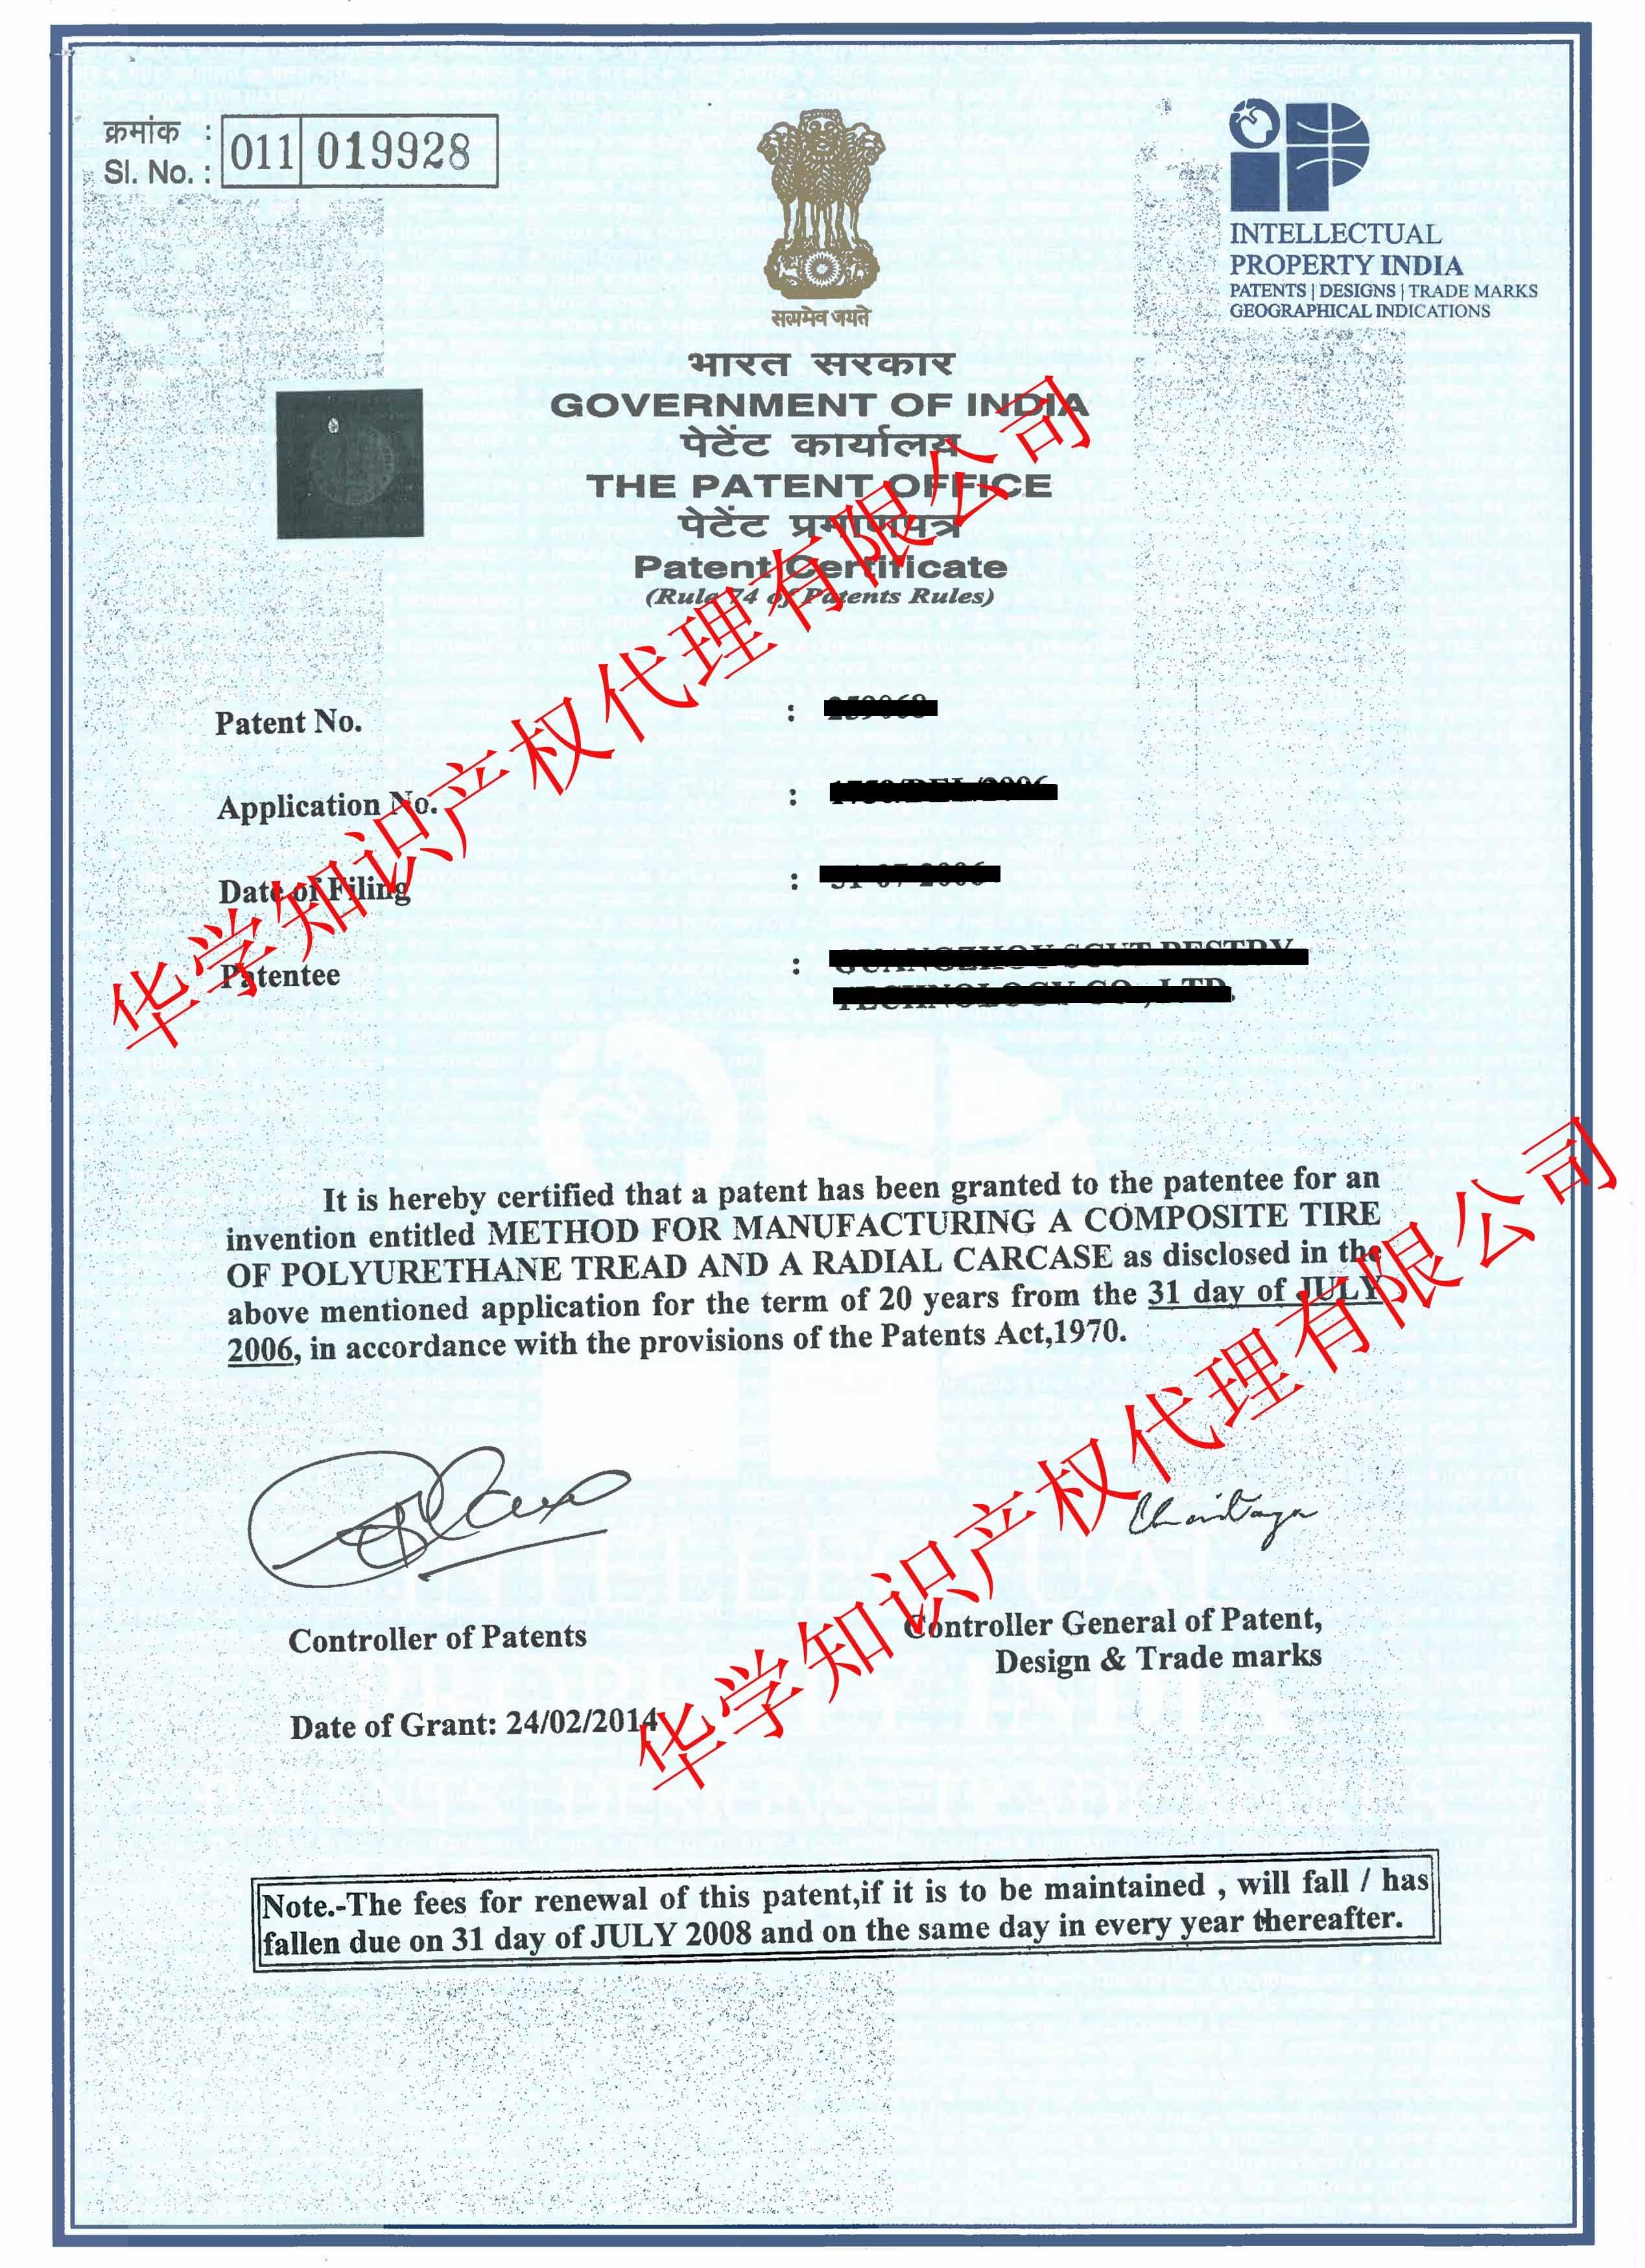 1印度發明專利證書